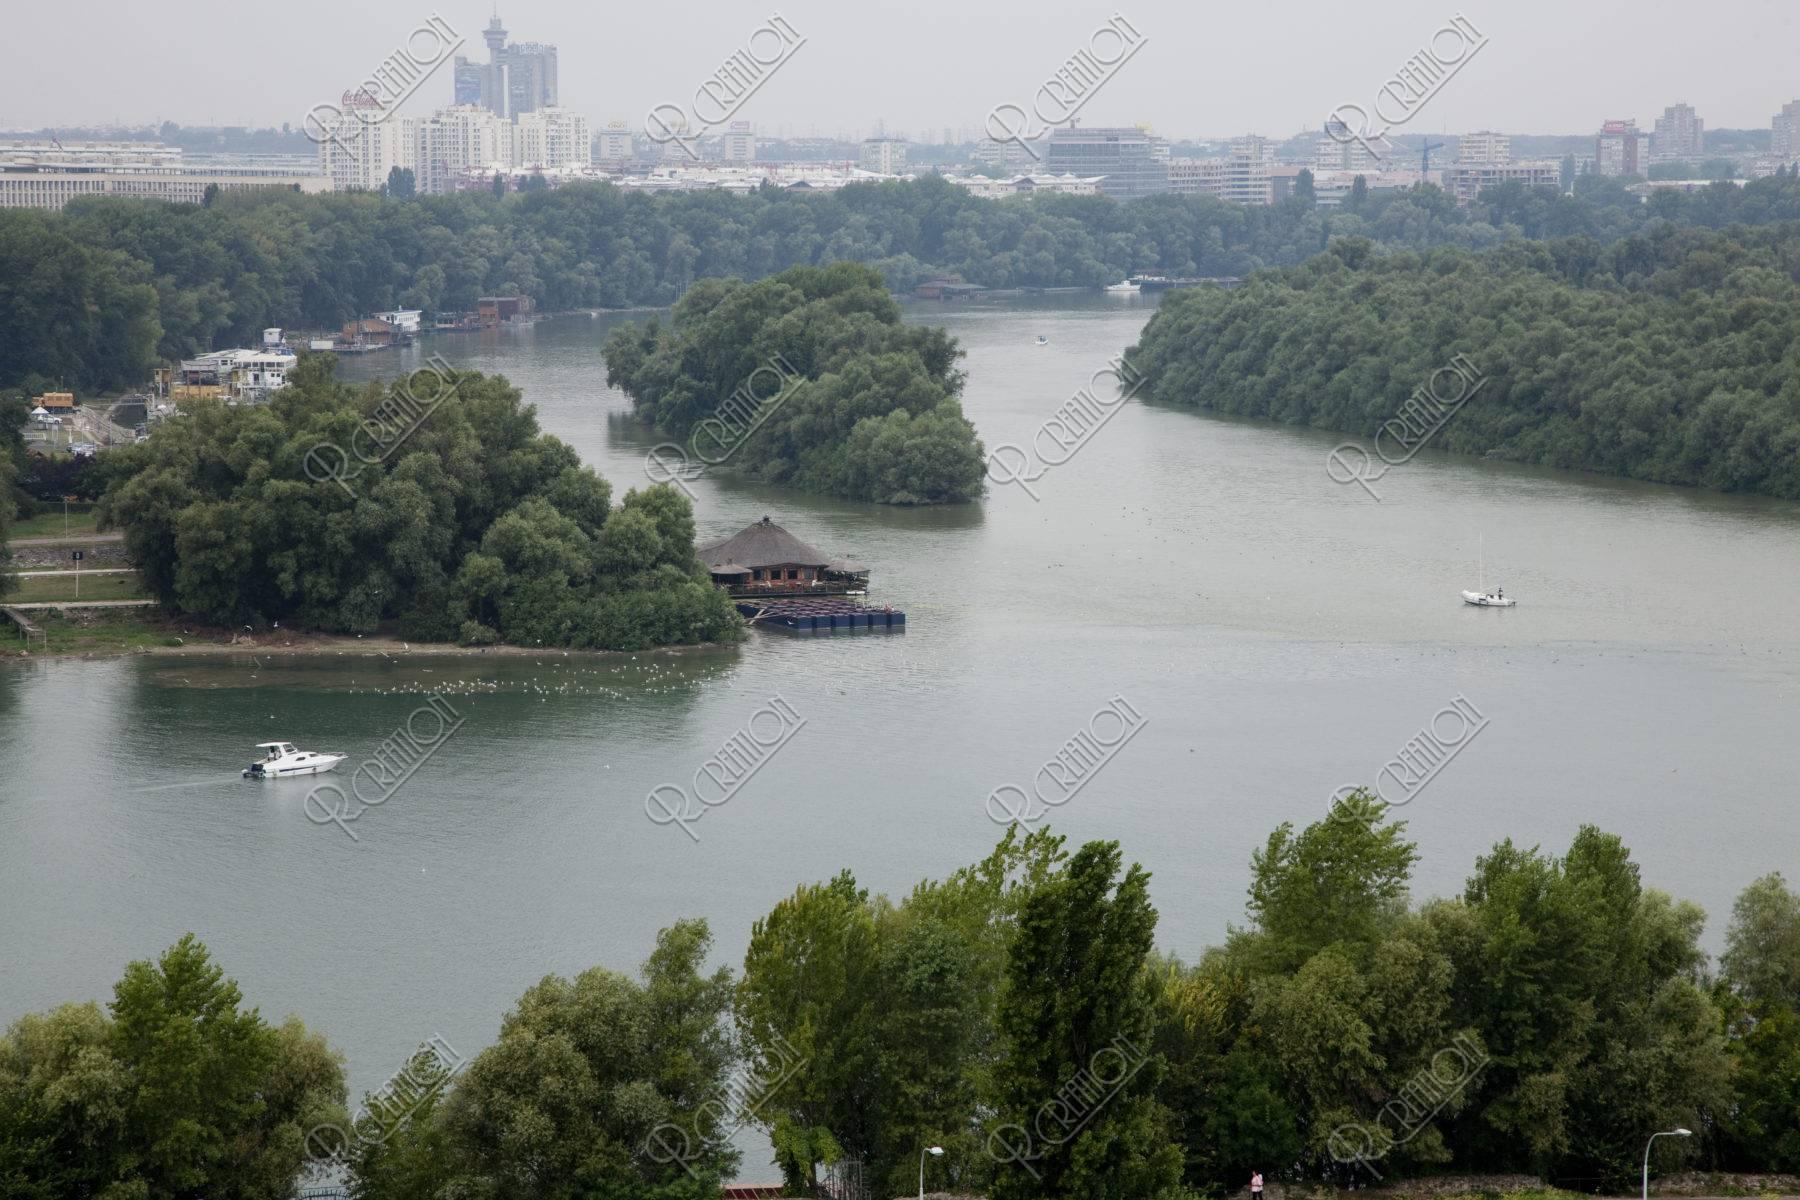 サヴァ川とドナウ川の合流点